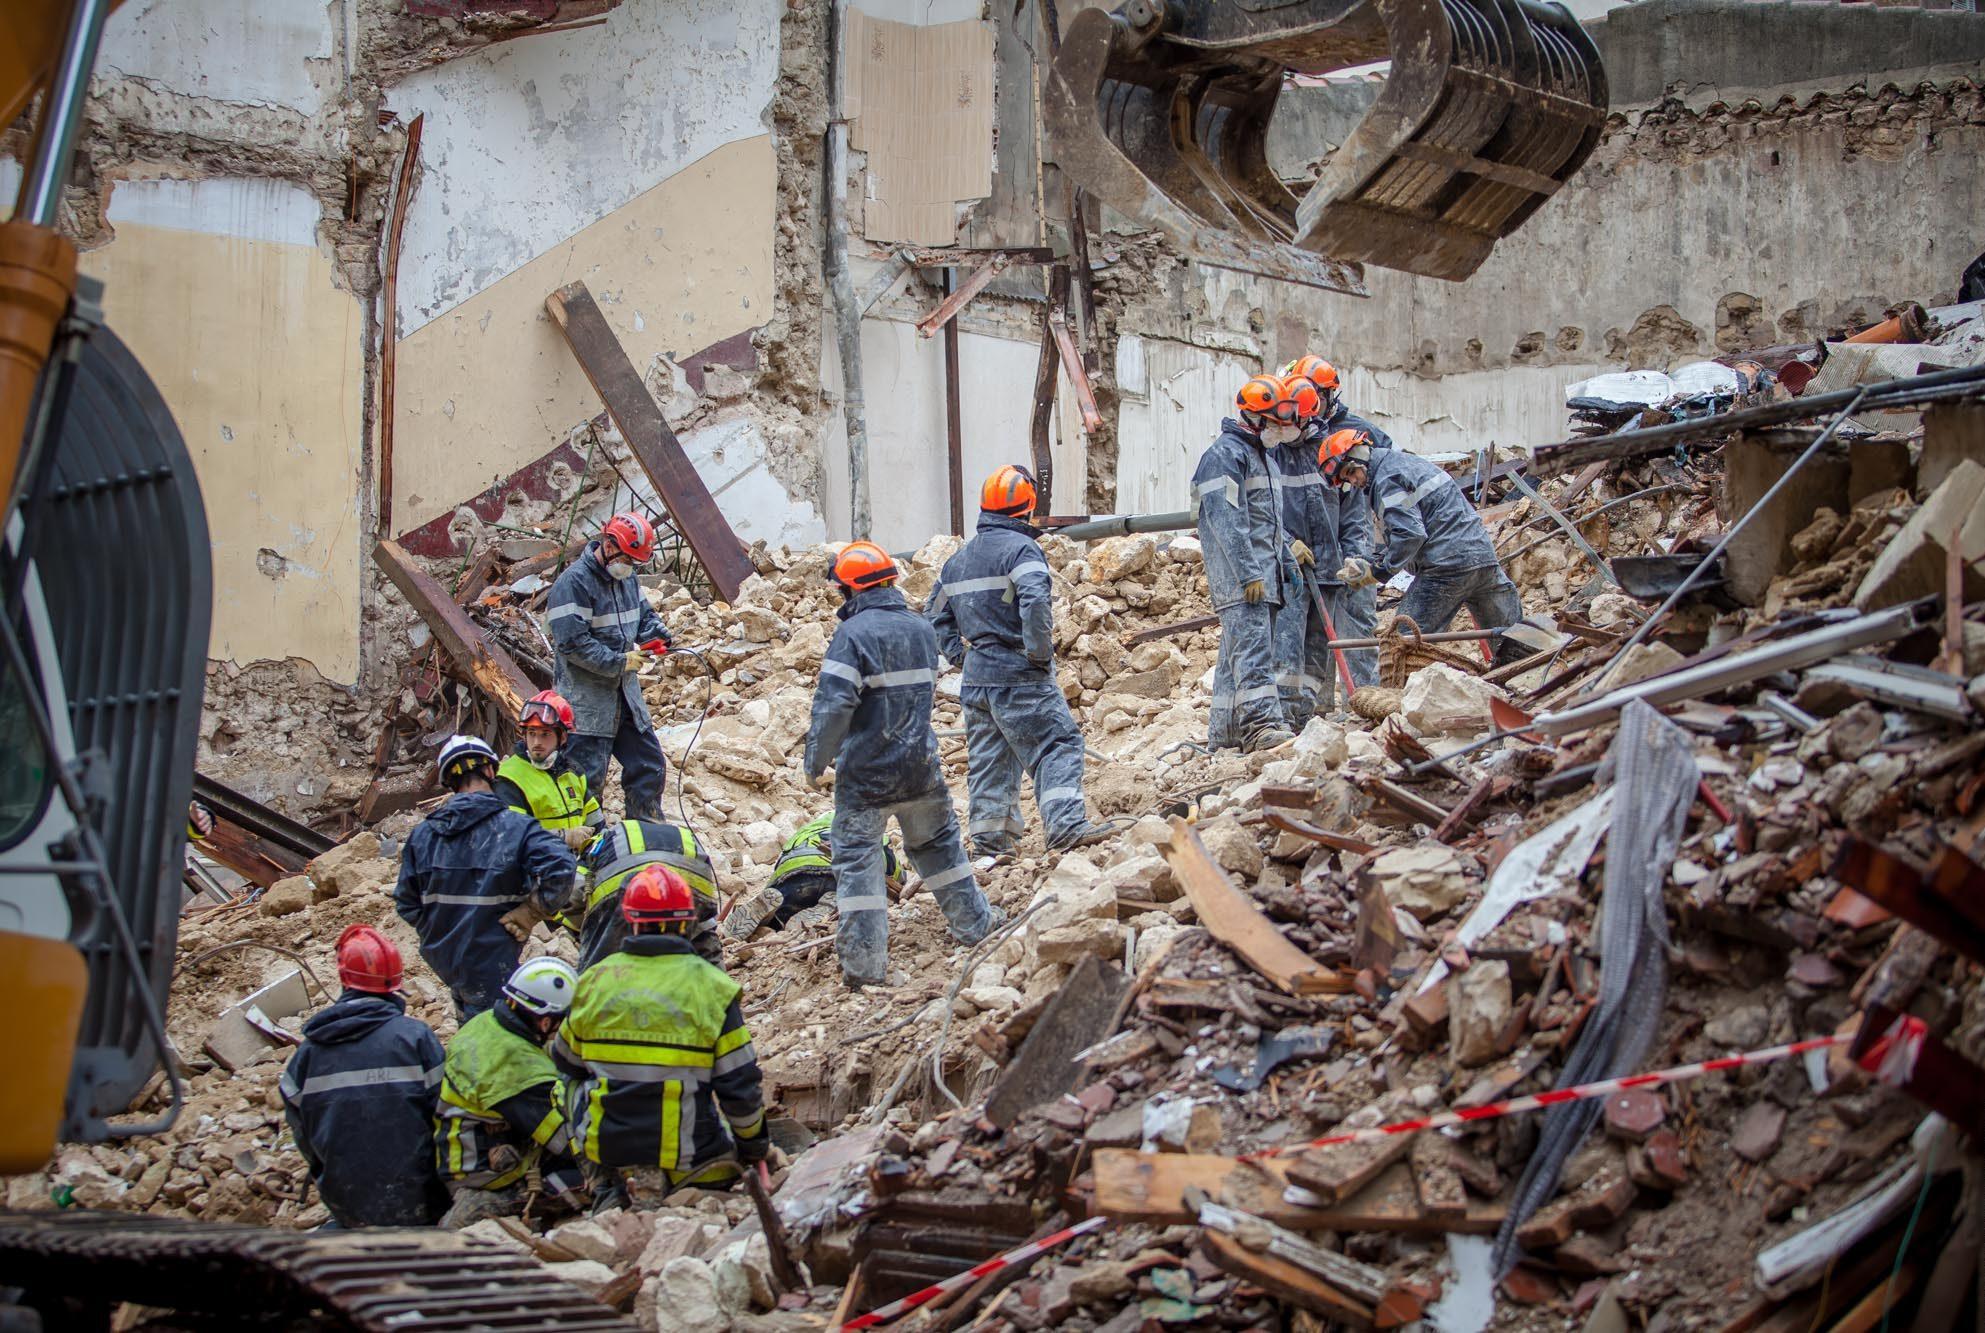 Les équipes de sauvetage travaillent à proximité des immeubles effondrés lundi à Marseille